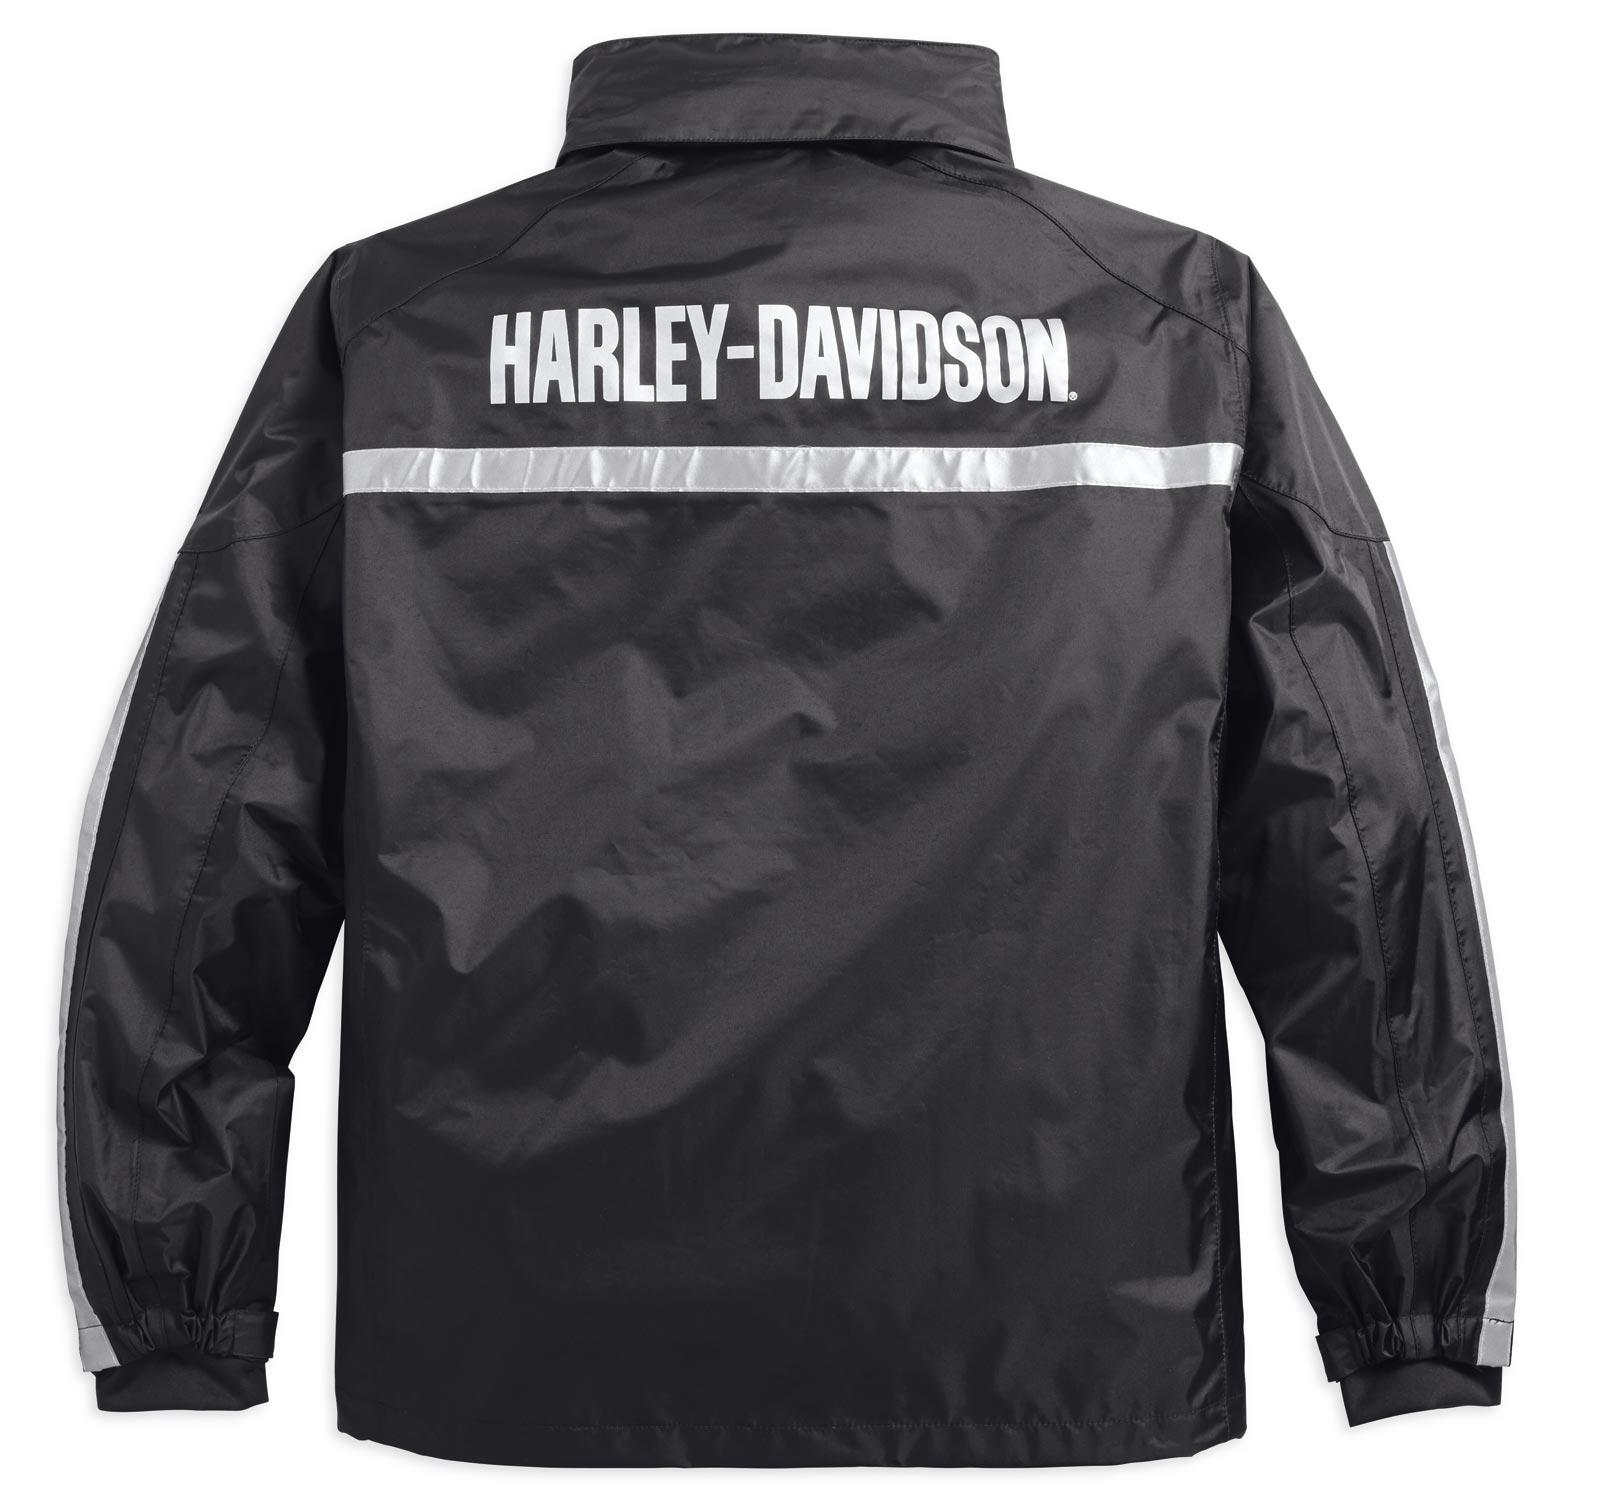 98191 17vm harley davidson regenjacke separate schwarz im. Black Bedroom Furniture Sets. Home Design Ideas